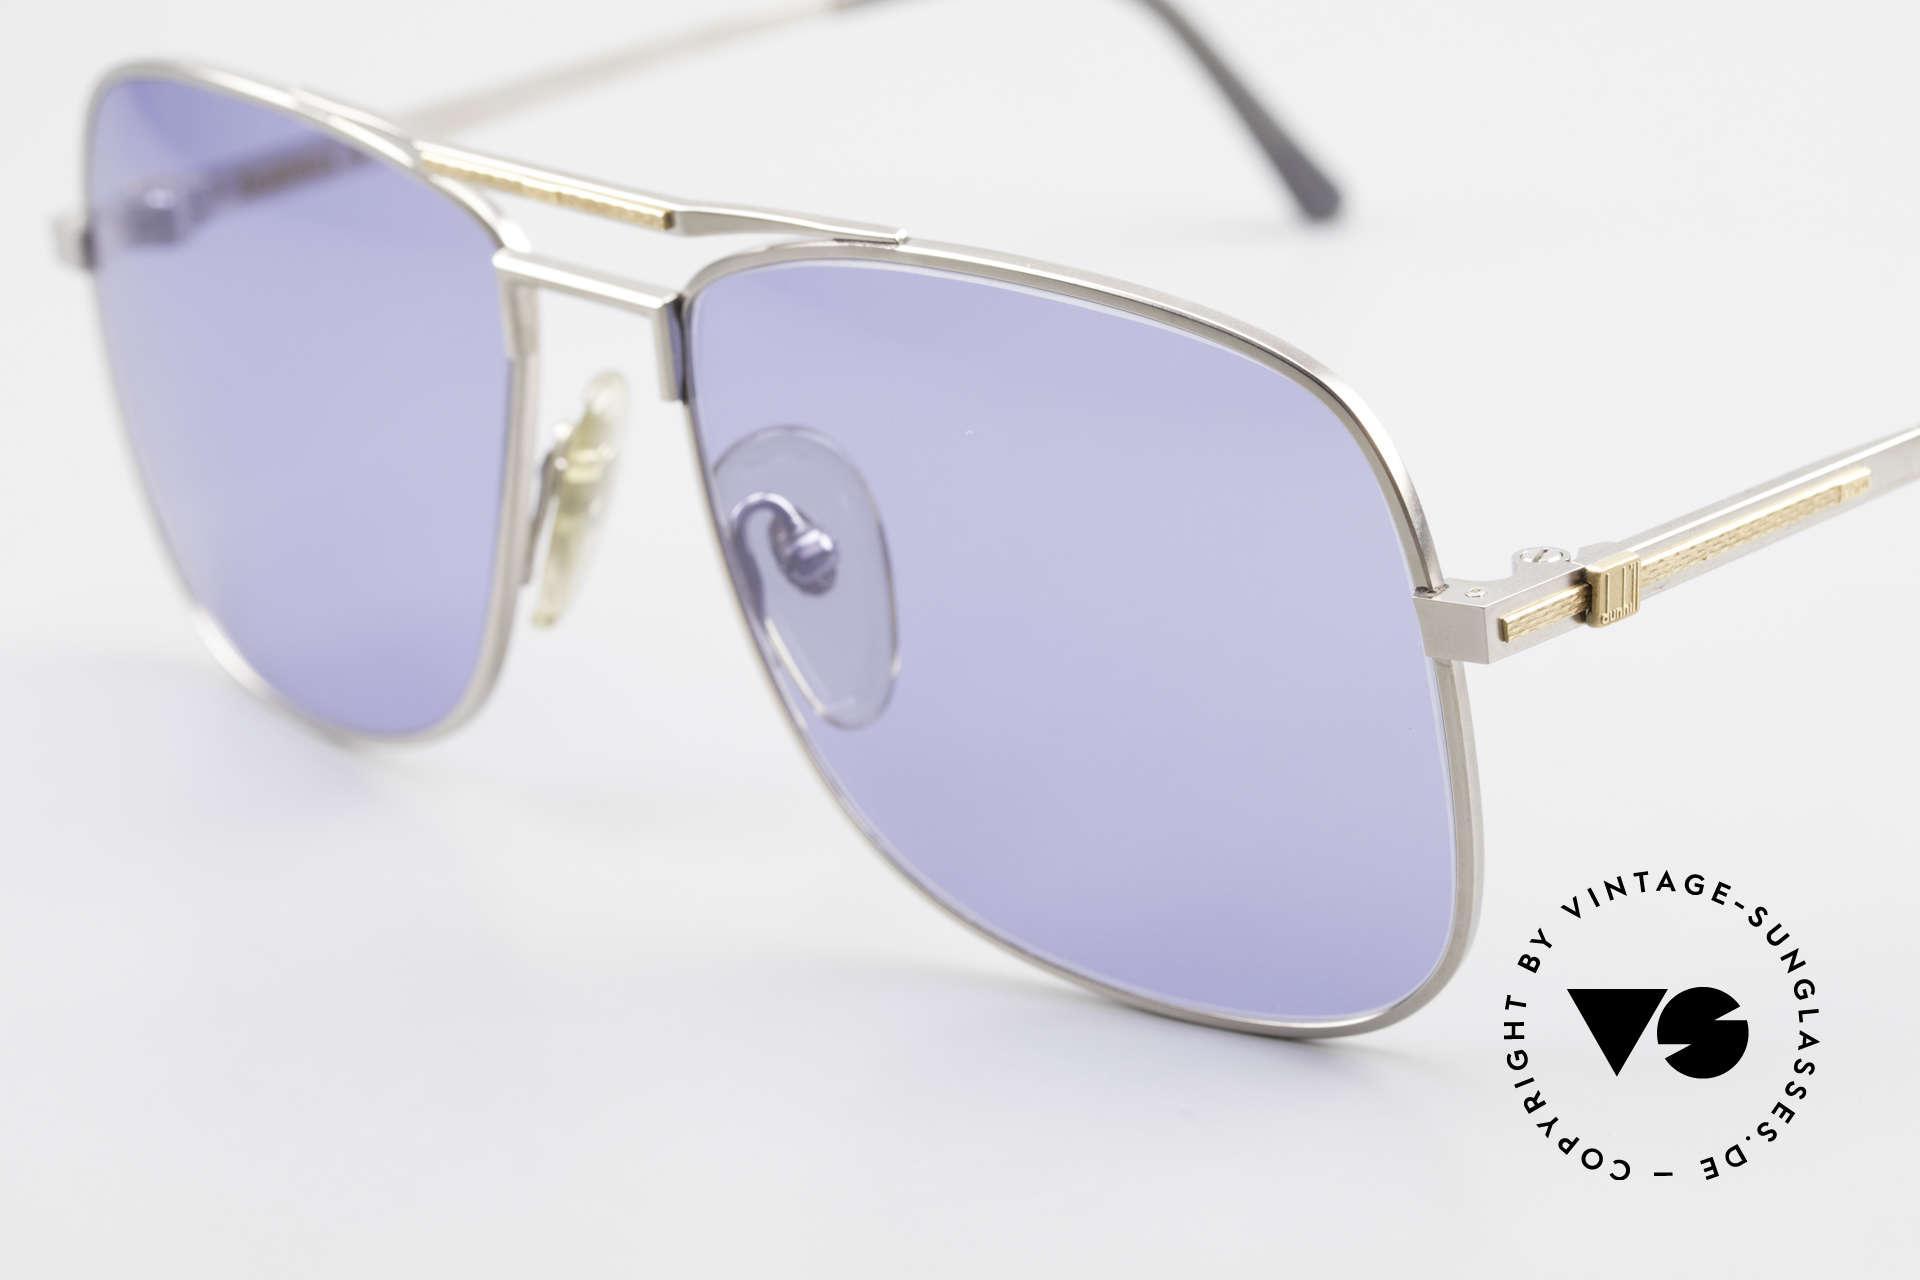 Dunhill 6038 18kt Gold Titanium 80er Brille, (heute werden Designerbrillen für <5,00 € produziert), Passend für Herren